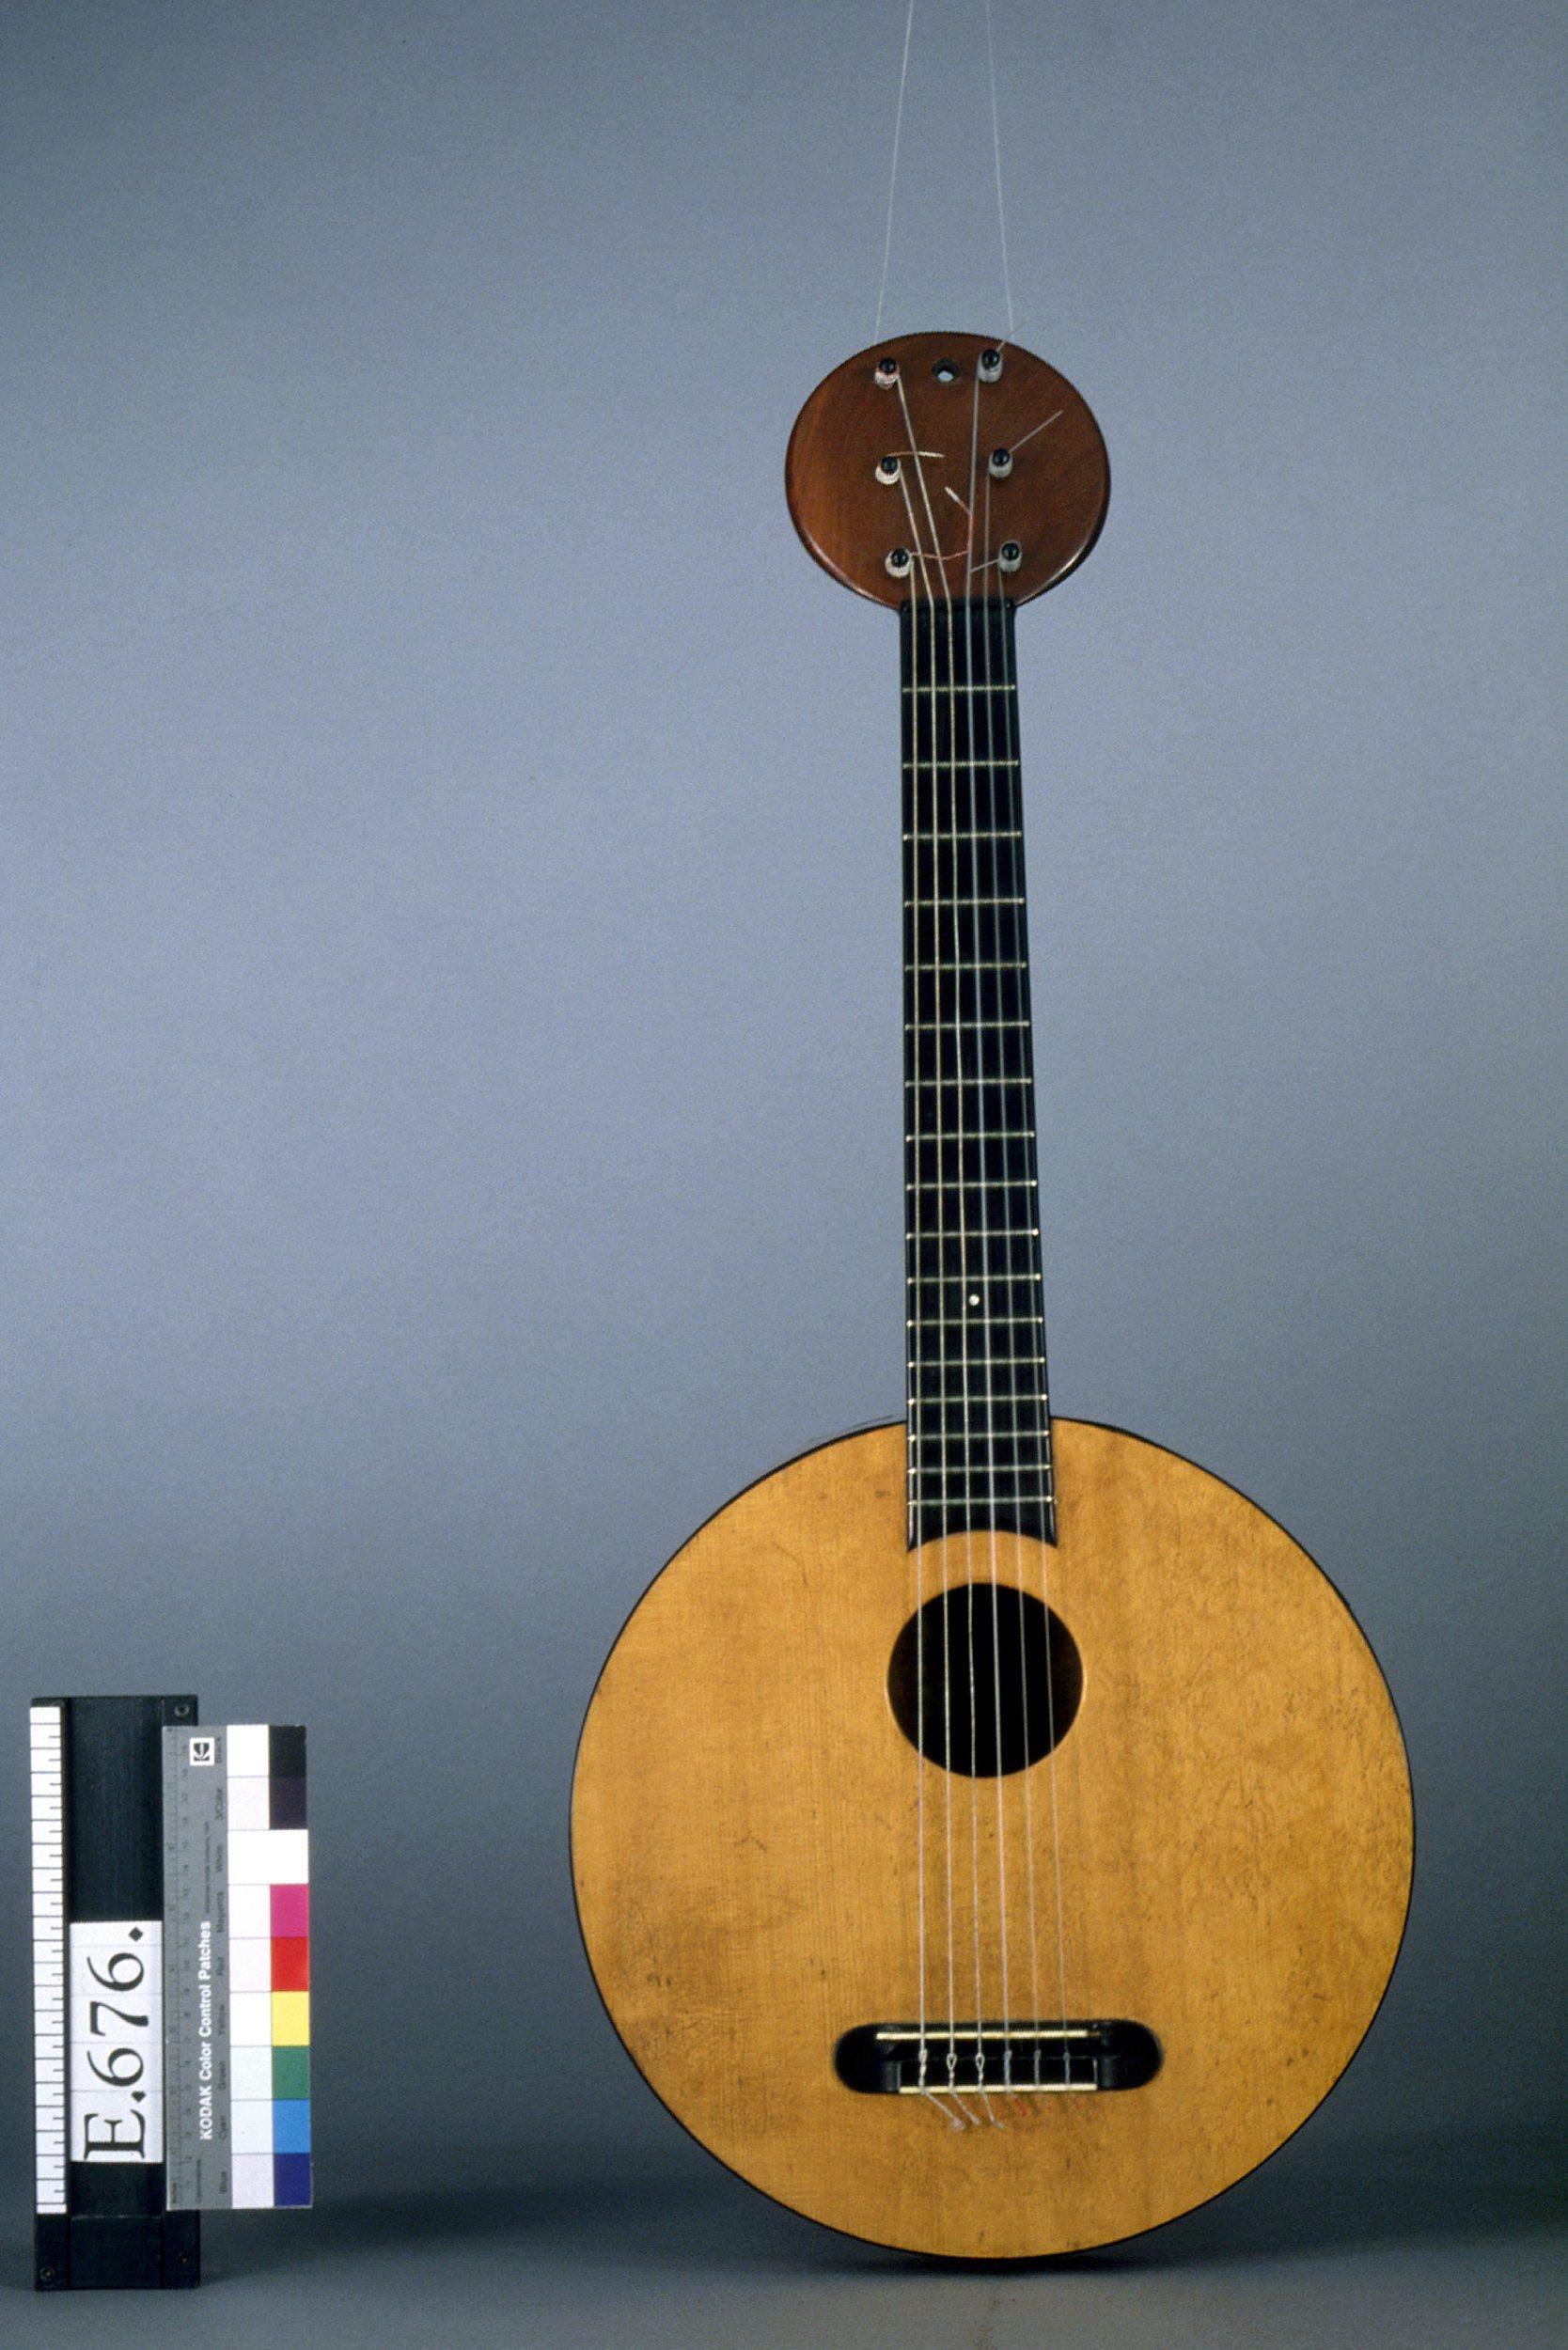 guitare ronde nom